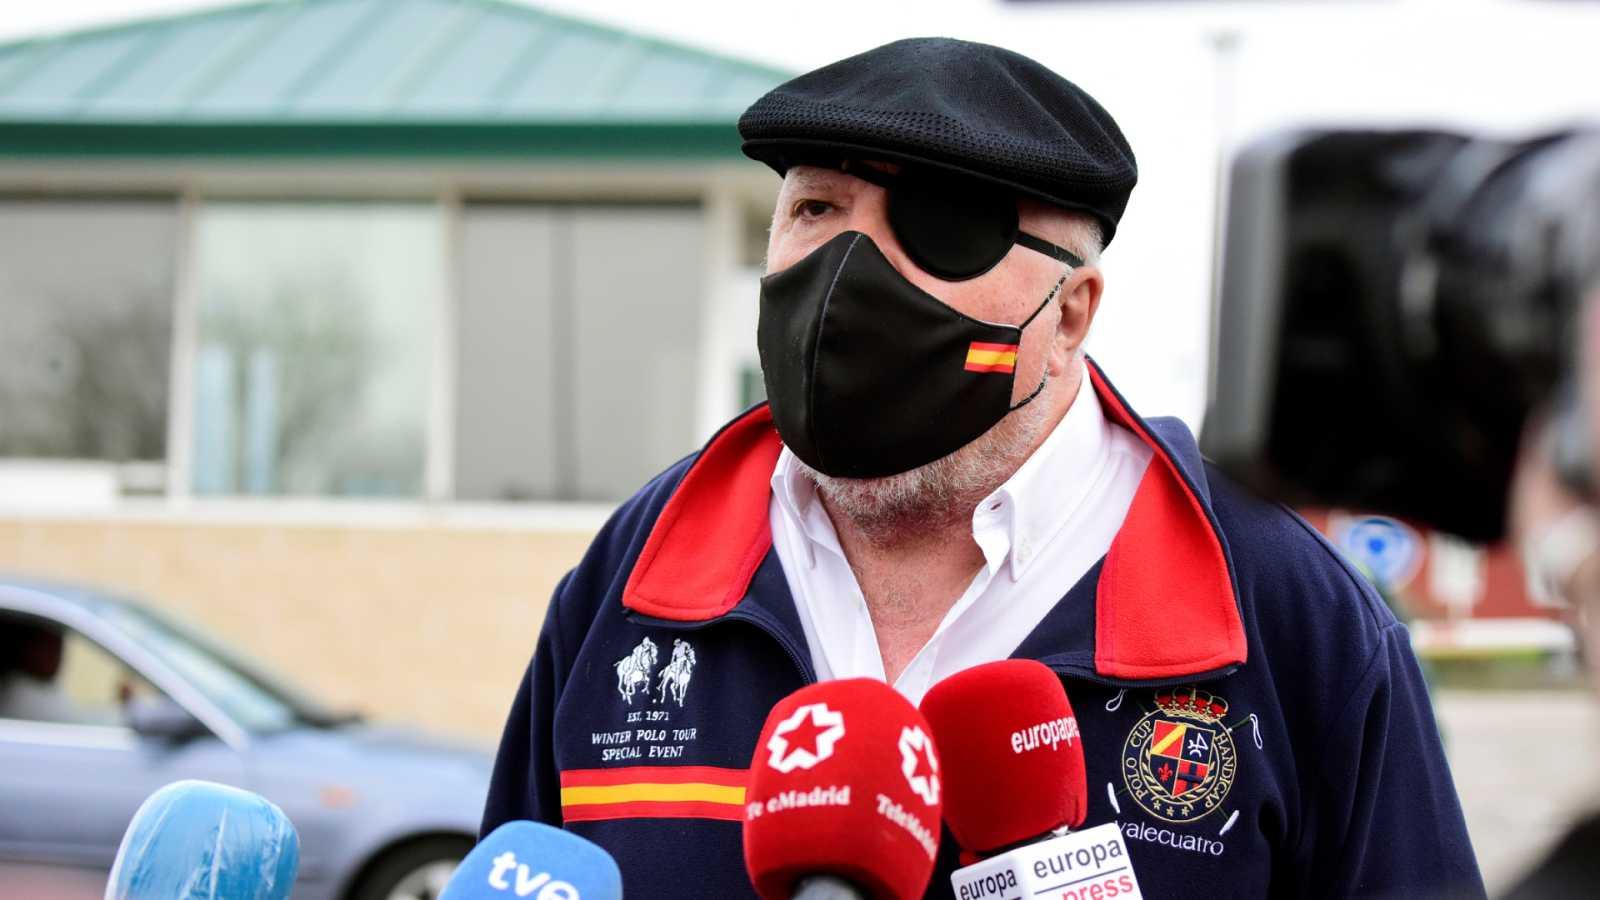 24 horas - Villarejo sale de prisión: su situación judicial - Escuchar ahora